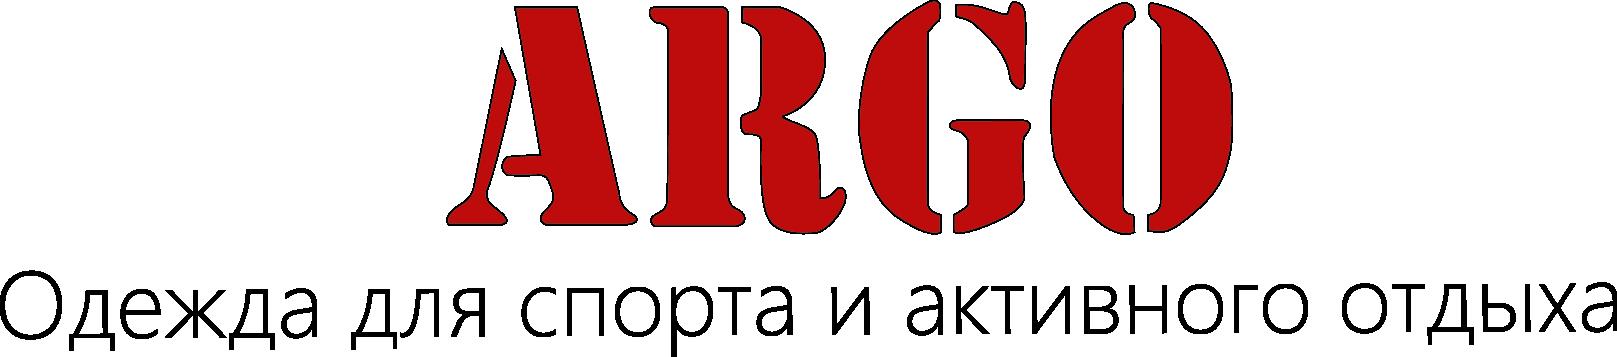 f803c4522d01 Официальный сайт компании argo classic и . argo exclusive Фитнес одежда  Арго одежда Спортивный ...